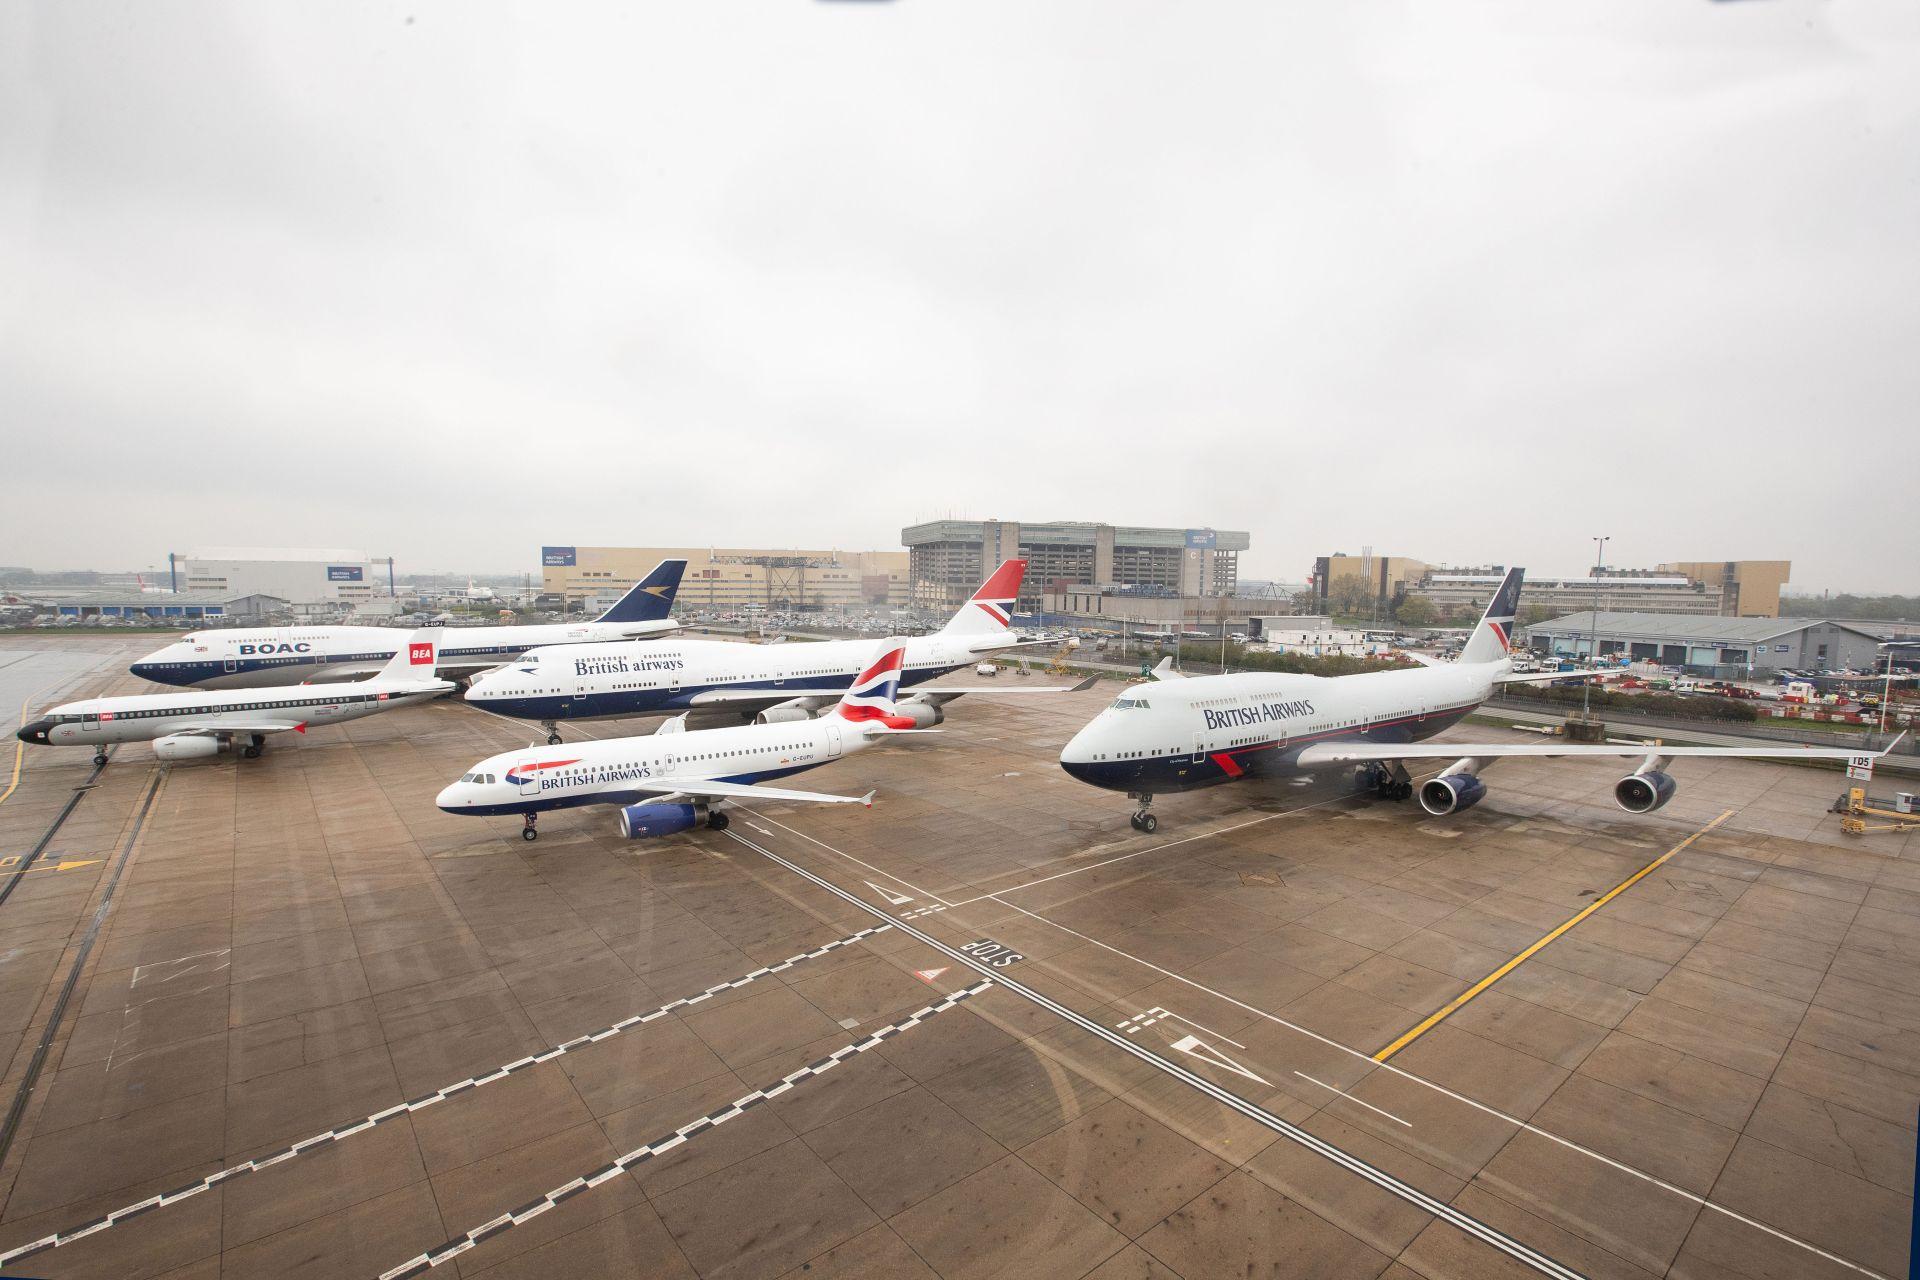 Čtyři letadla v historickém nátěru British Airways společně s A319 v současném designu. Foto: Nick Morrish/British Airways